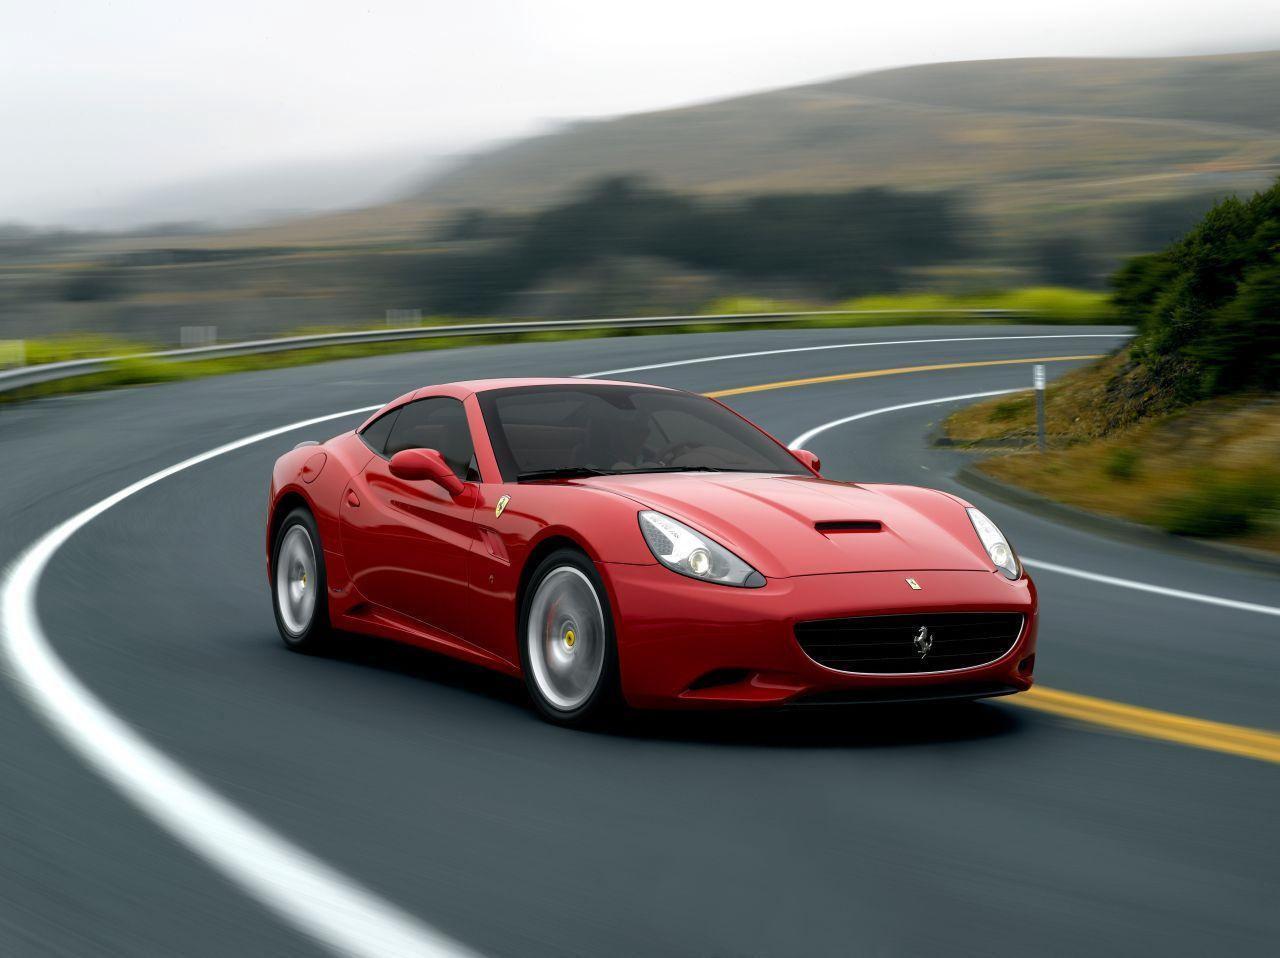 http://3.bp.blogspot.com/-WQ8JCKMk5ms/TekT5XvccaI/AAAAAAAAAUY/p0e_2QT1LE0/s1600/Ferrari%252B458%252BItalia%252BWallpapers-14.jpg